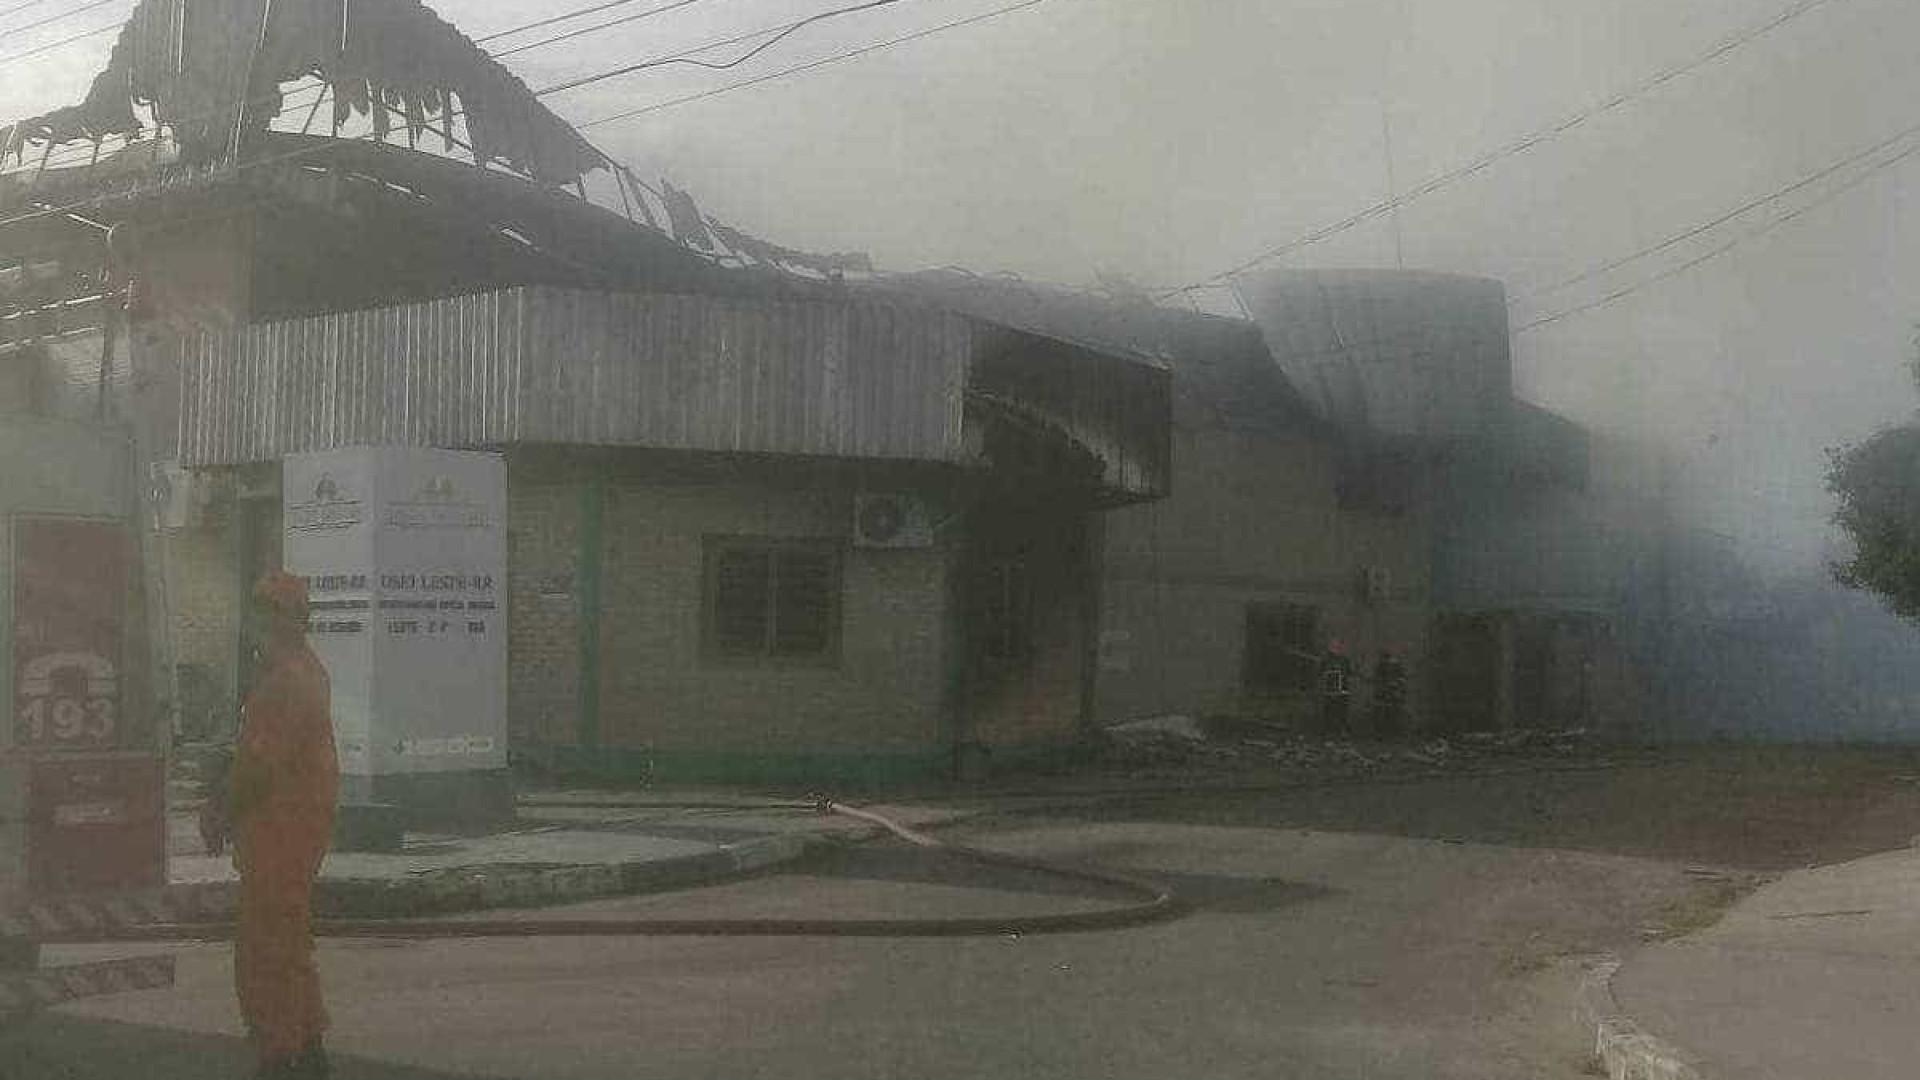 Incêndio destrói centro de saúde indígena em Roraima